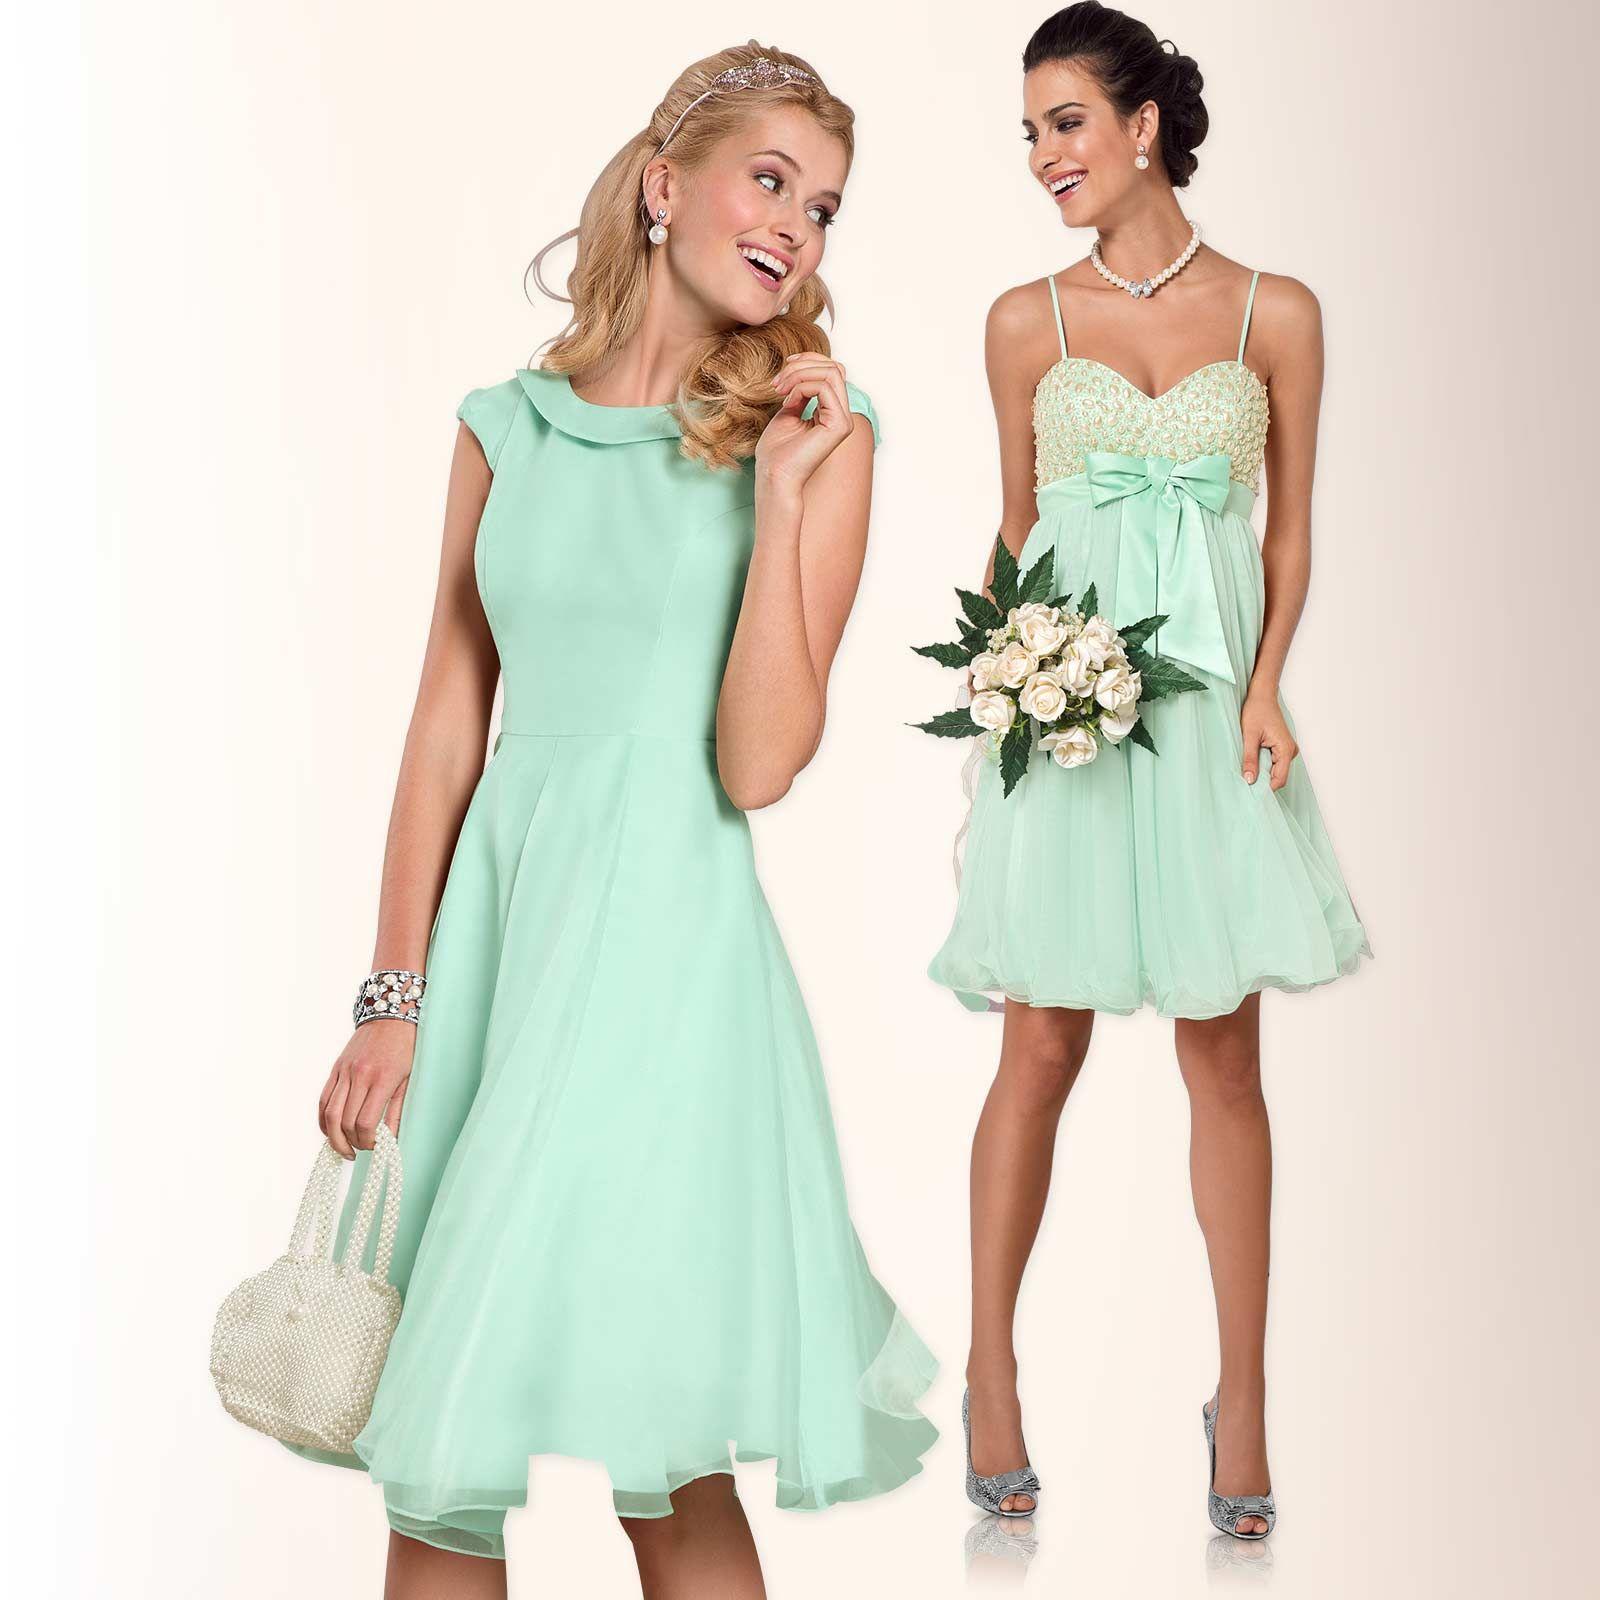 bildergebnis für kleider für hochzeitsgäste | top wedding